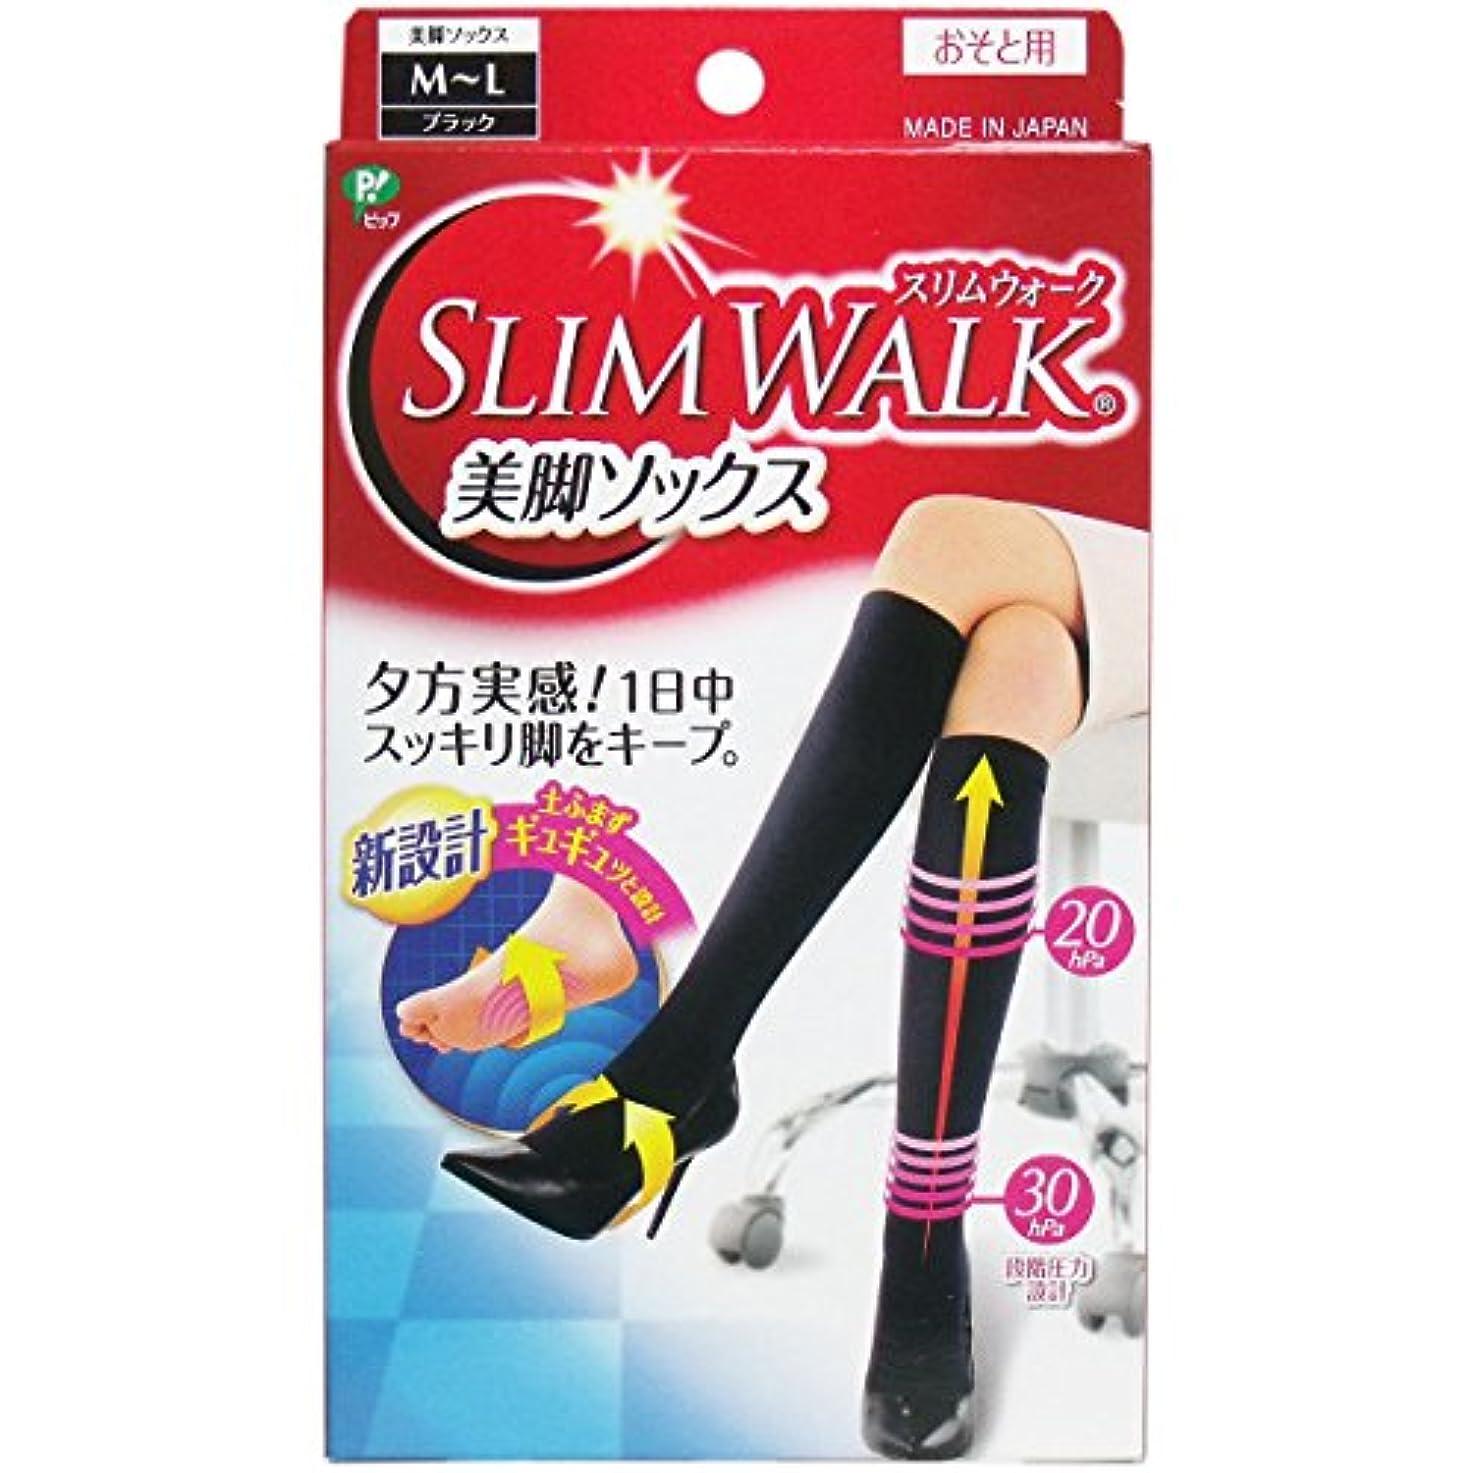 実用的敷居オーストラリア【セット品】スリムウォーク 美脚ソックス M-Lサイズ ブラック(SLIM WALK,socks,ML) ×2個